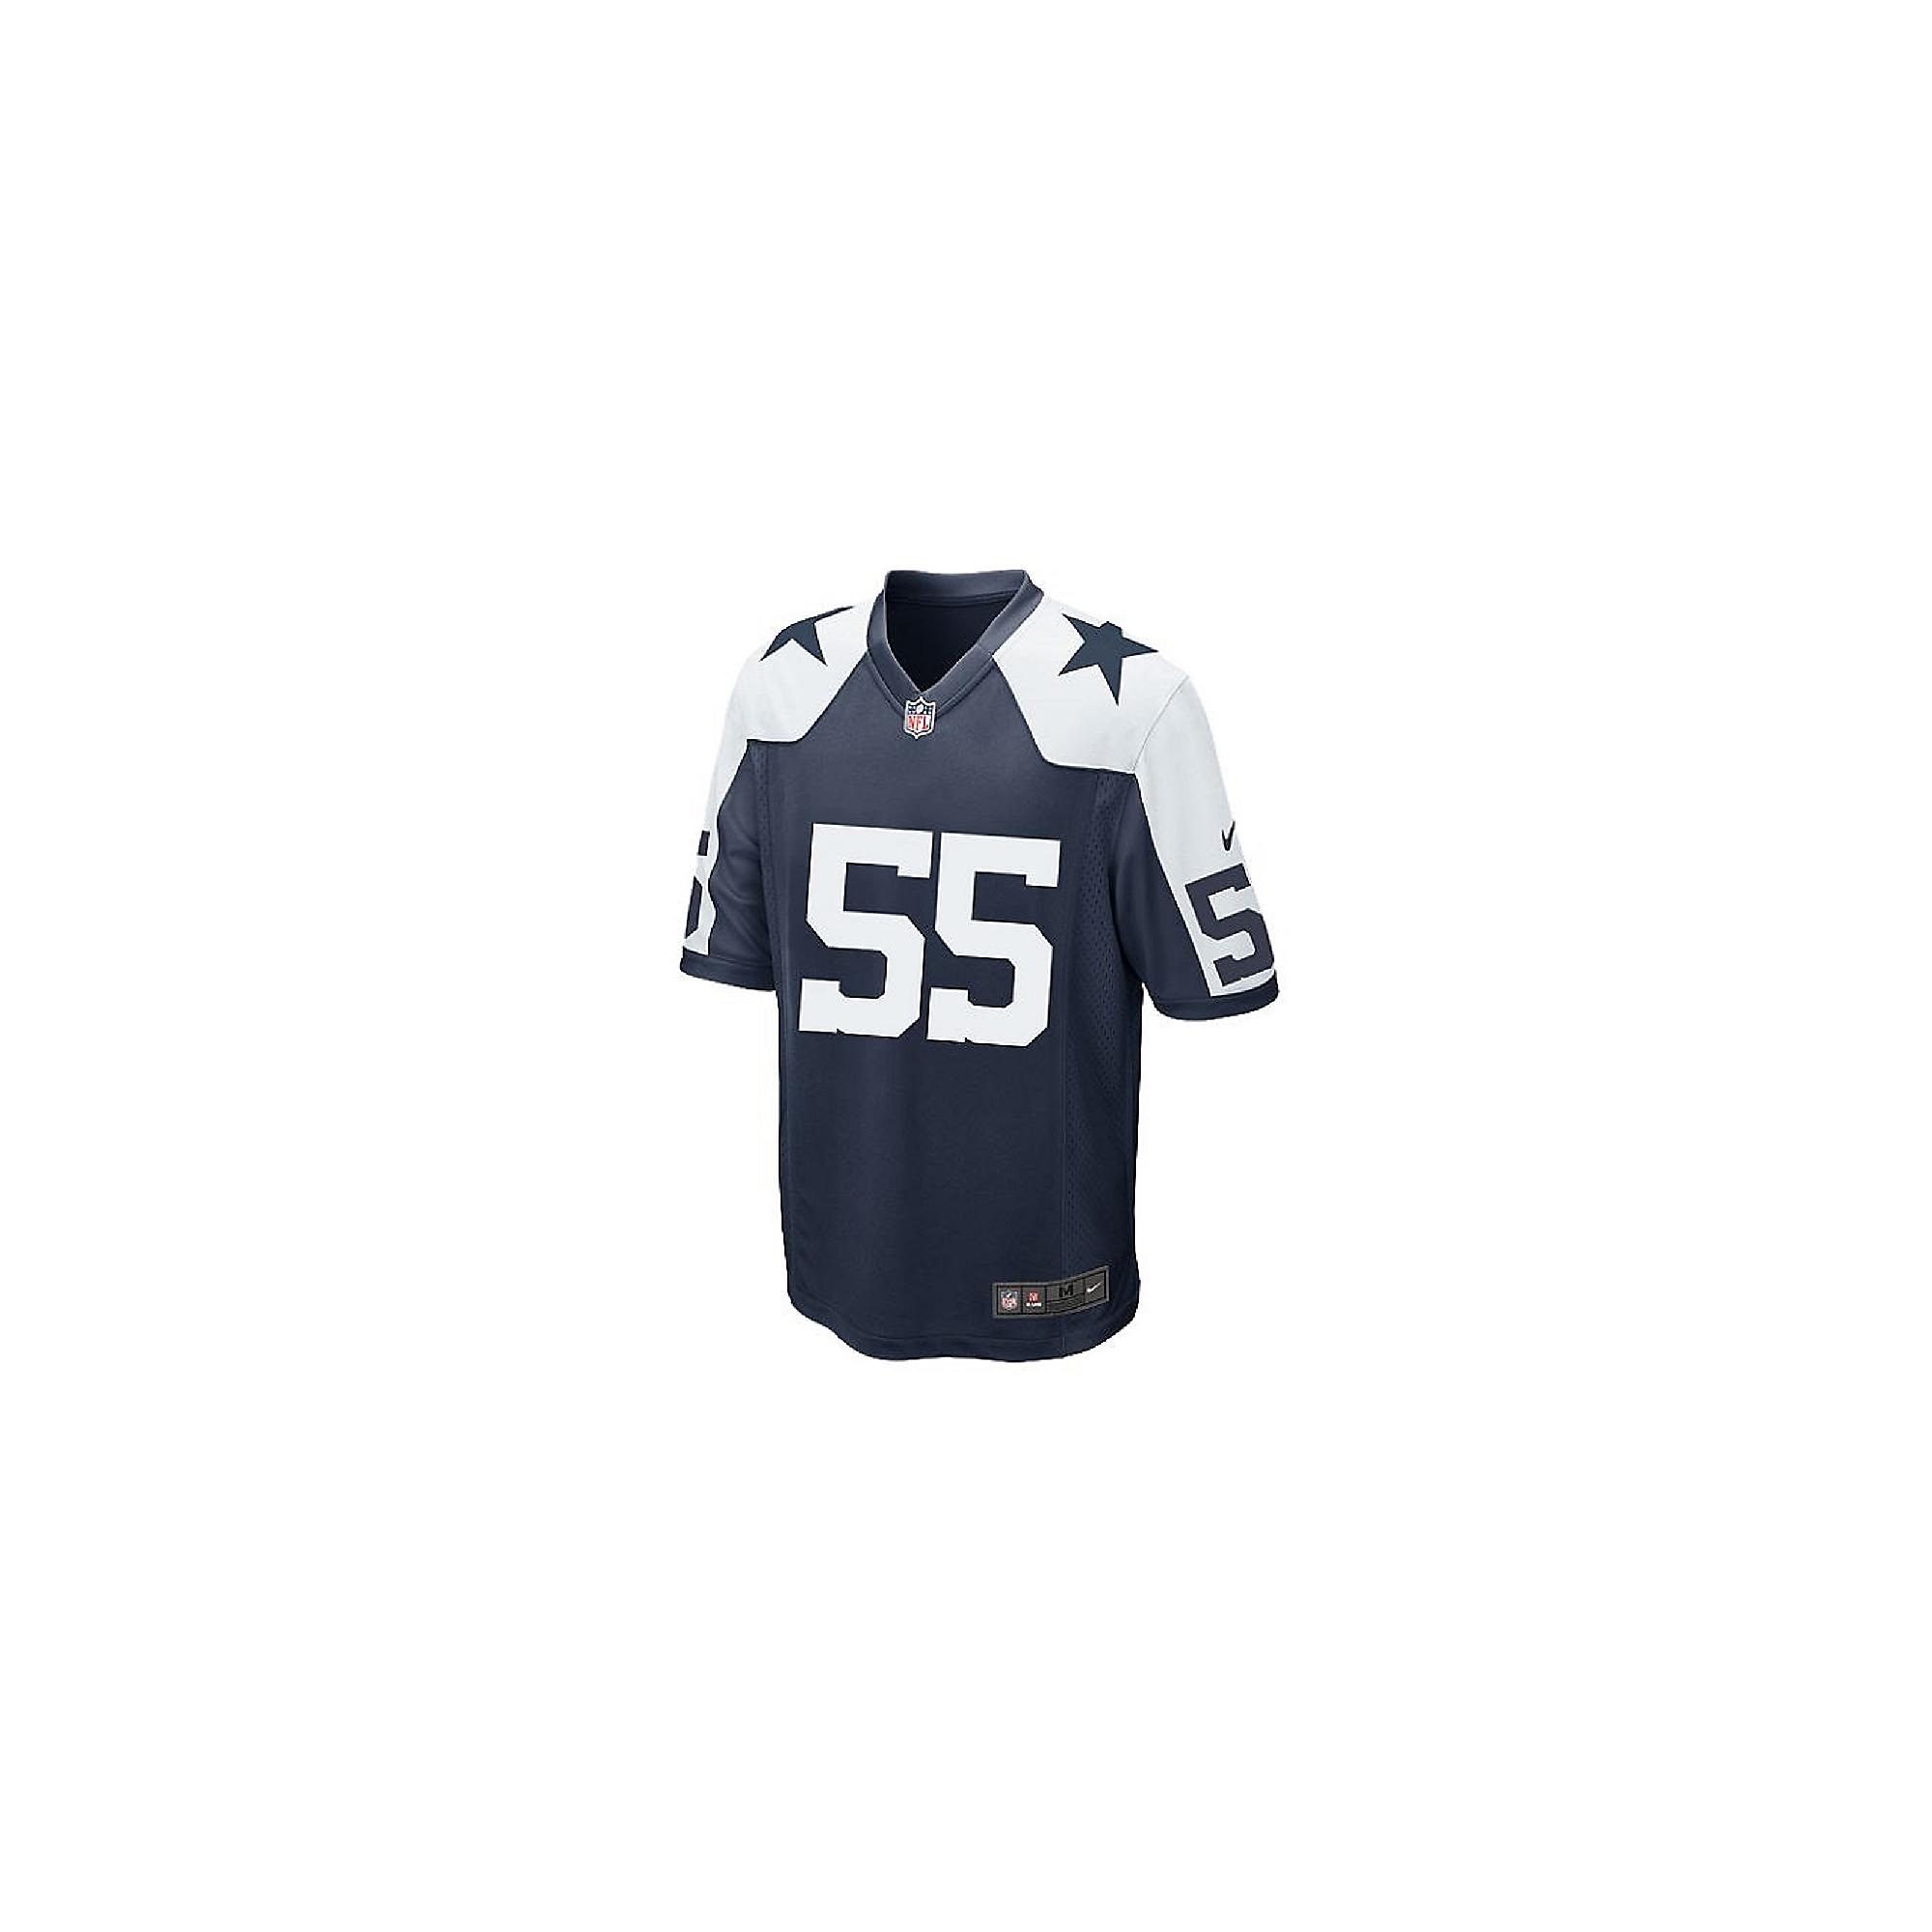 the best attitude 9081d 34247 Dallas Cowboys Leighton Vander Esch #55 Nike Game Replica ...